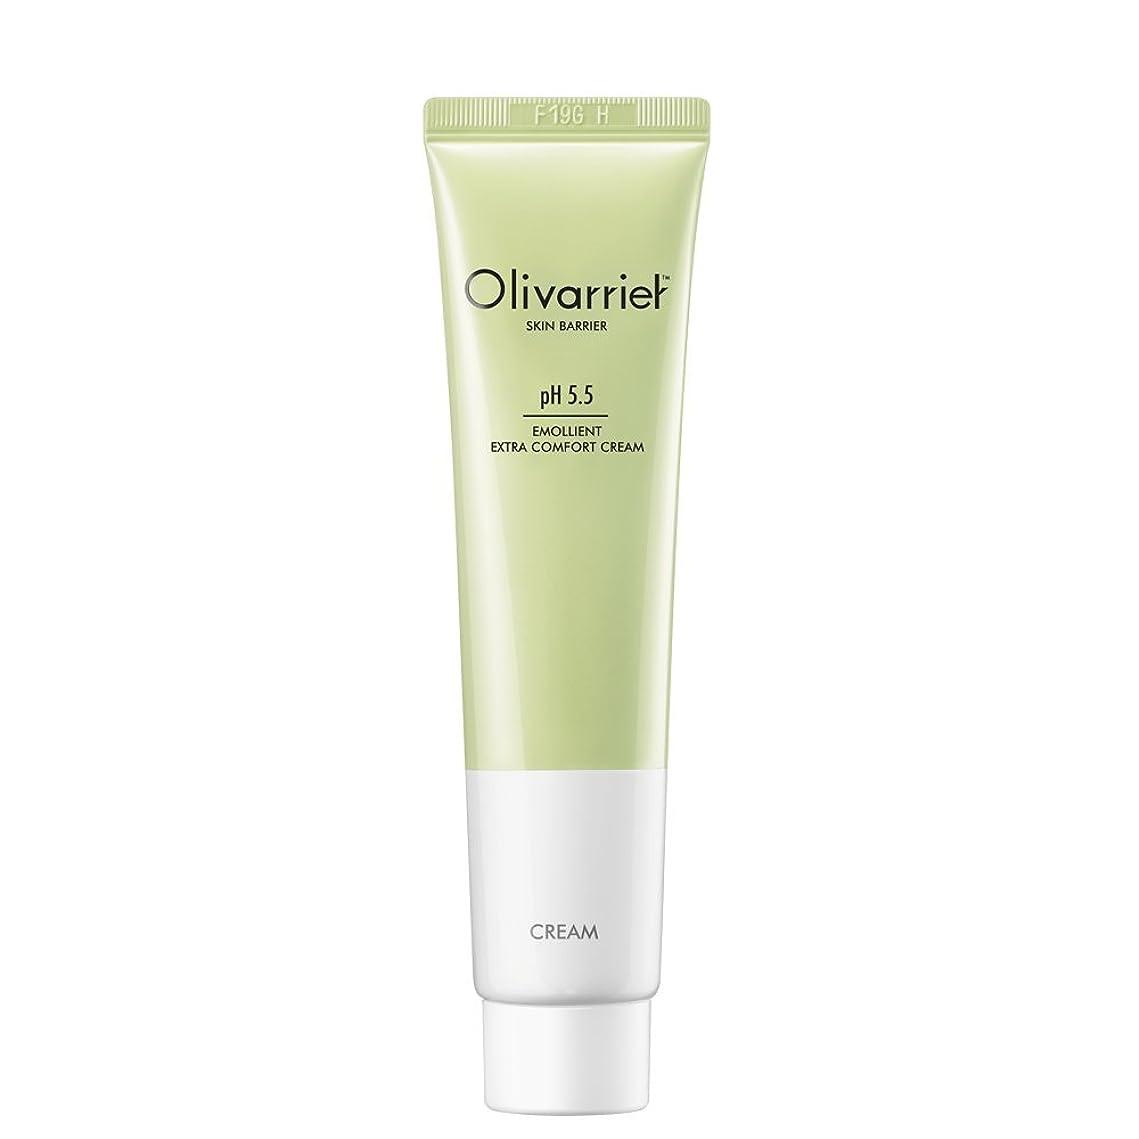 一口ファーム三十Olivarrier エモリエント エクストラ コンフォート クリーム 30mlベタつかず皮膚バリアを強化するパンテノール5%、オーガニックシアバター20%配合の無香料の鎮静効果のある全スキンタイプ対応のフェイシャルクリームです。